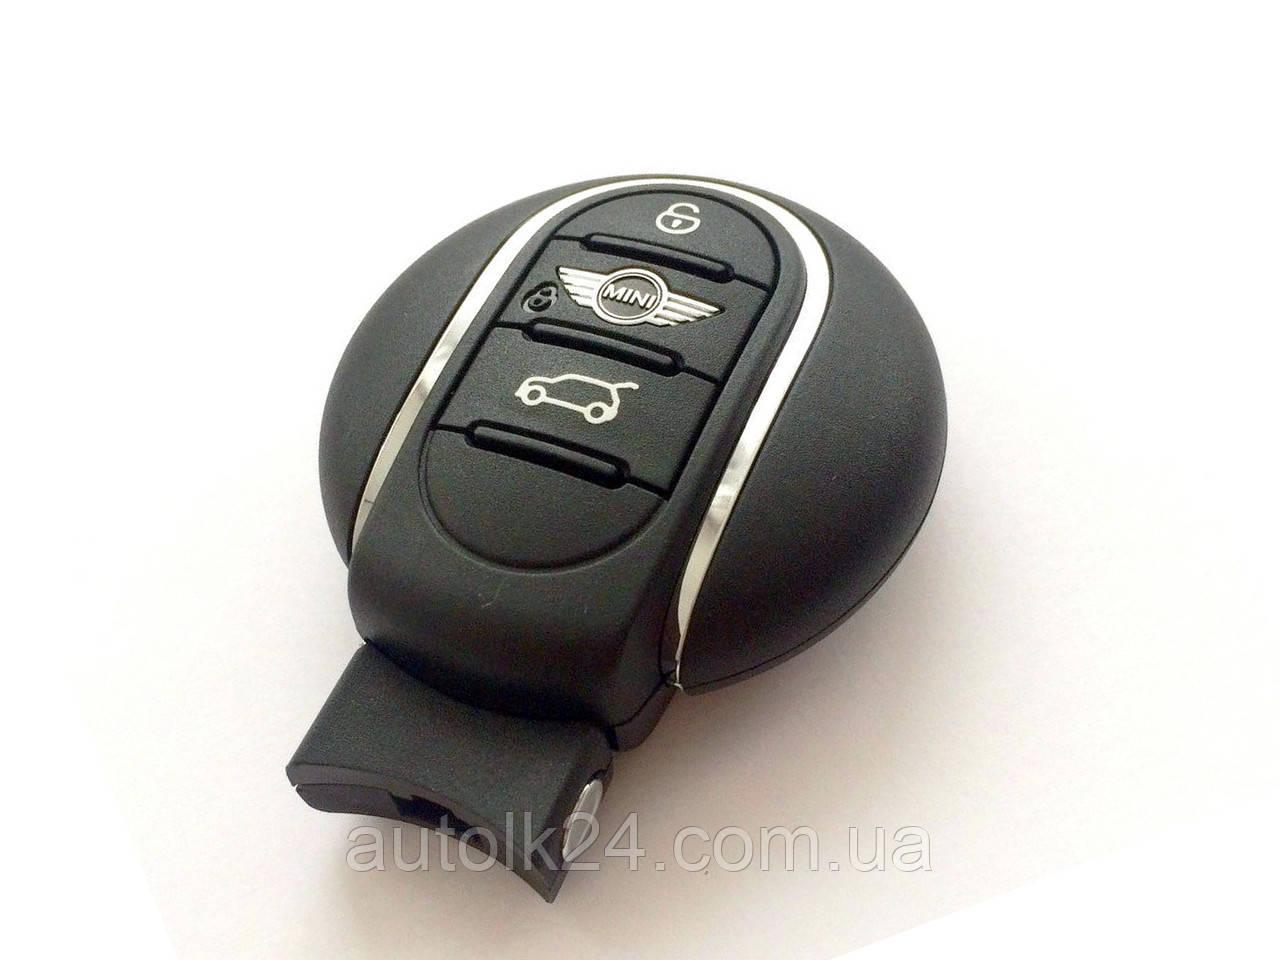 Смарт ключ MINI Cooper 3 кнопки 434mhz (Оригинал)